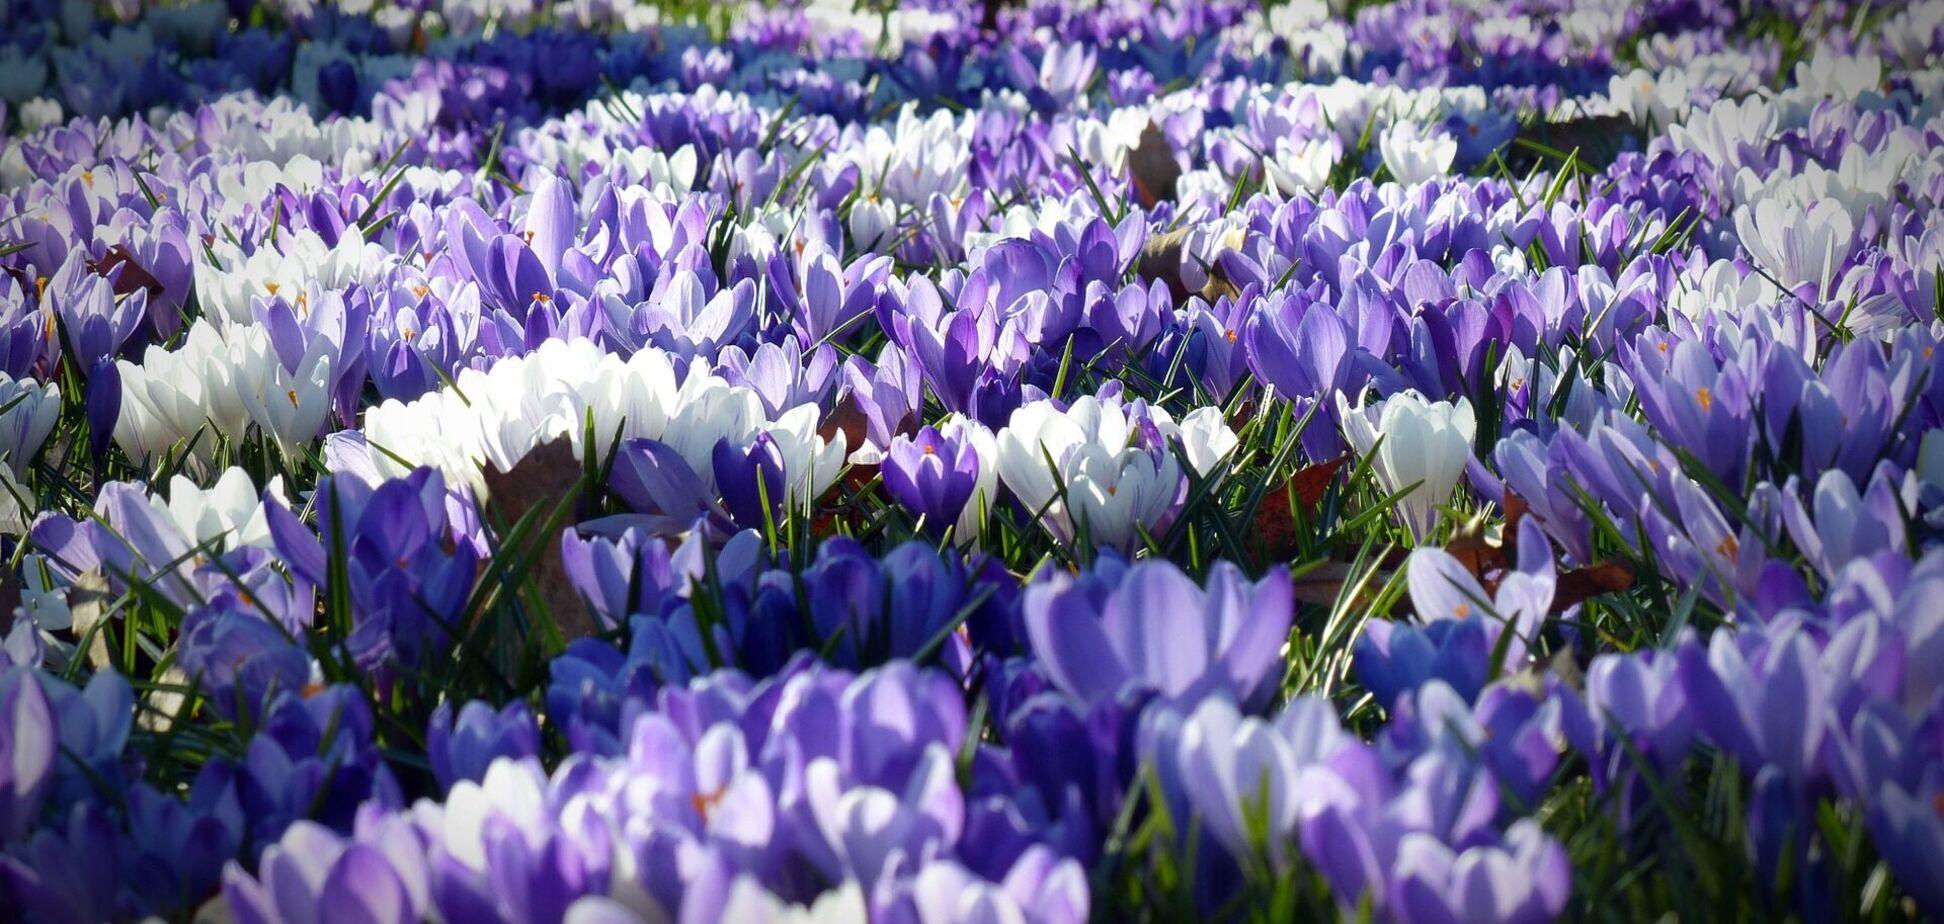 14 апреля: праздник, приметы на Марью Пустые щи и именники